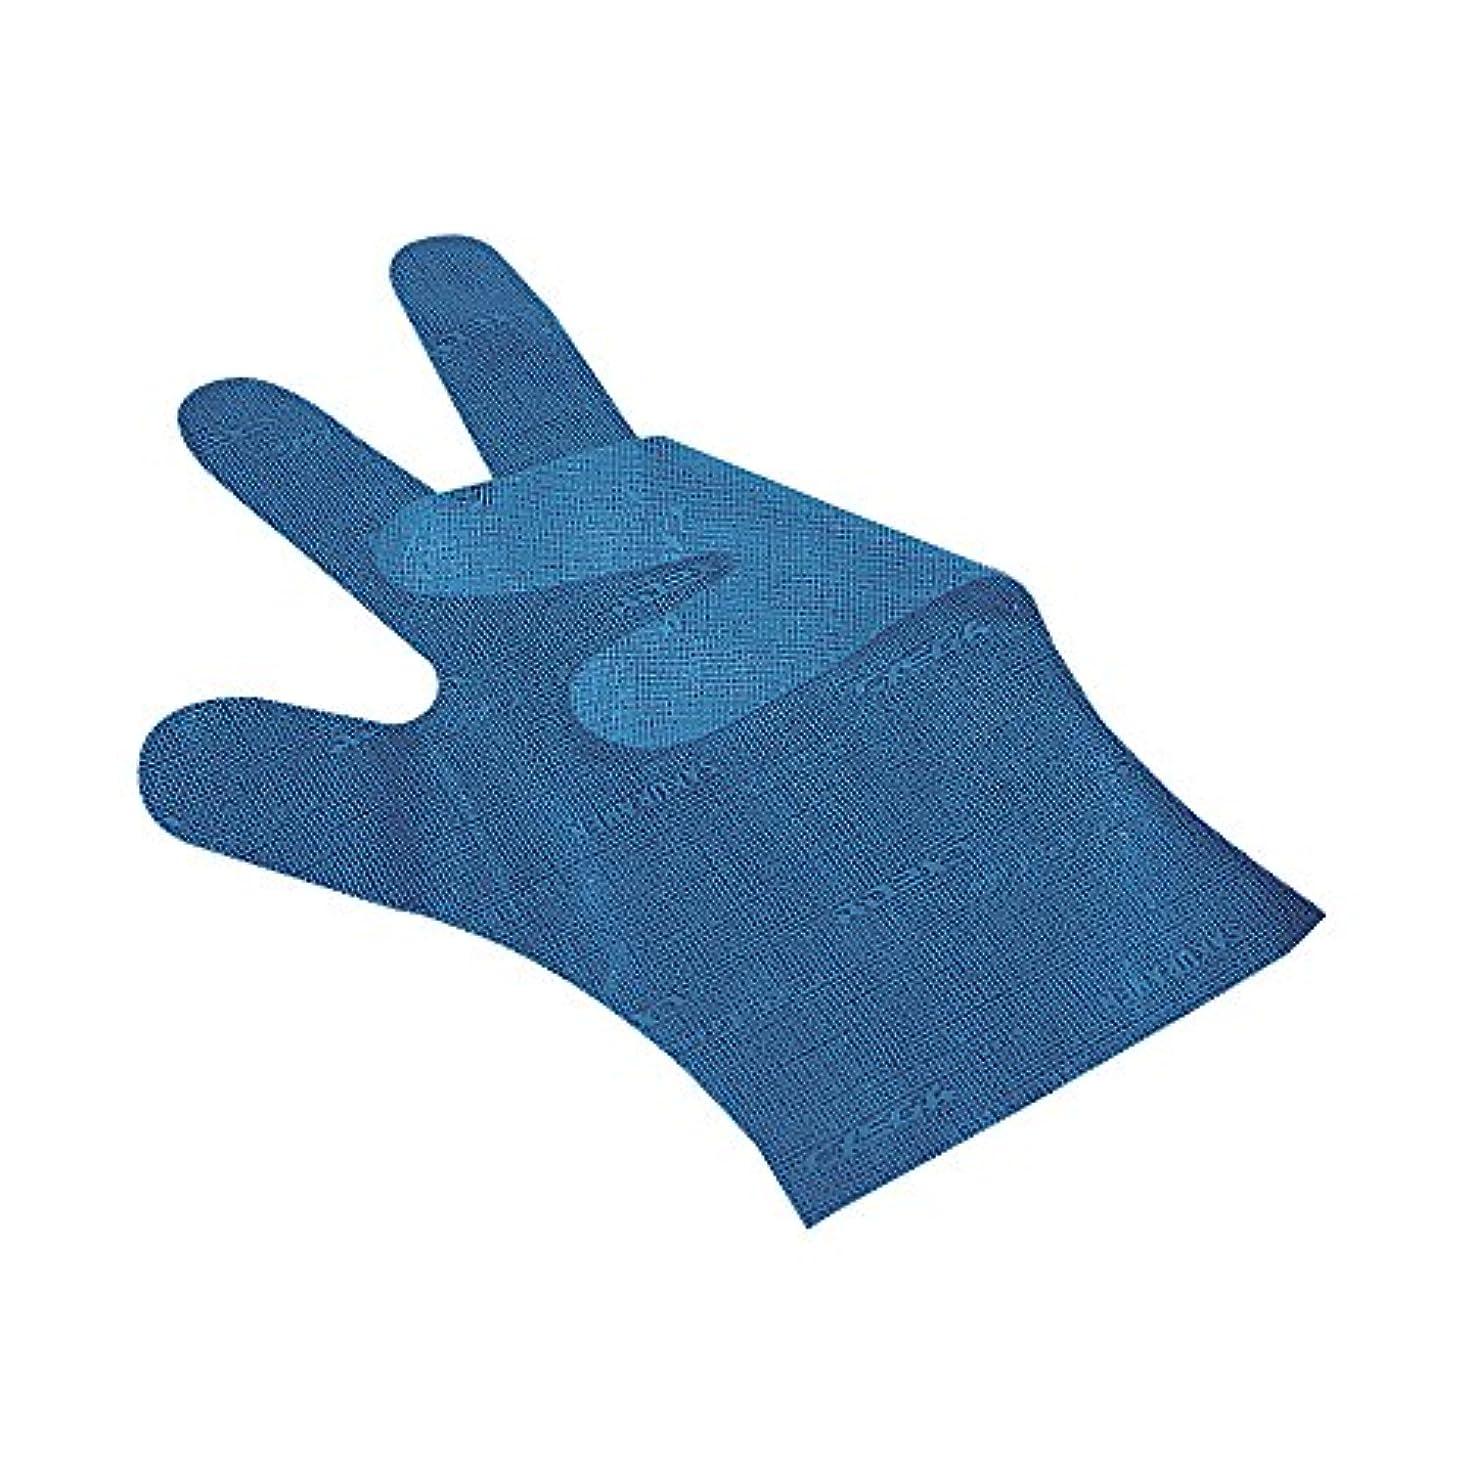 合成非互換羊飼いサクラメンエンボス手袋 デラックス ブルー L 100枚入